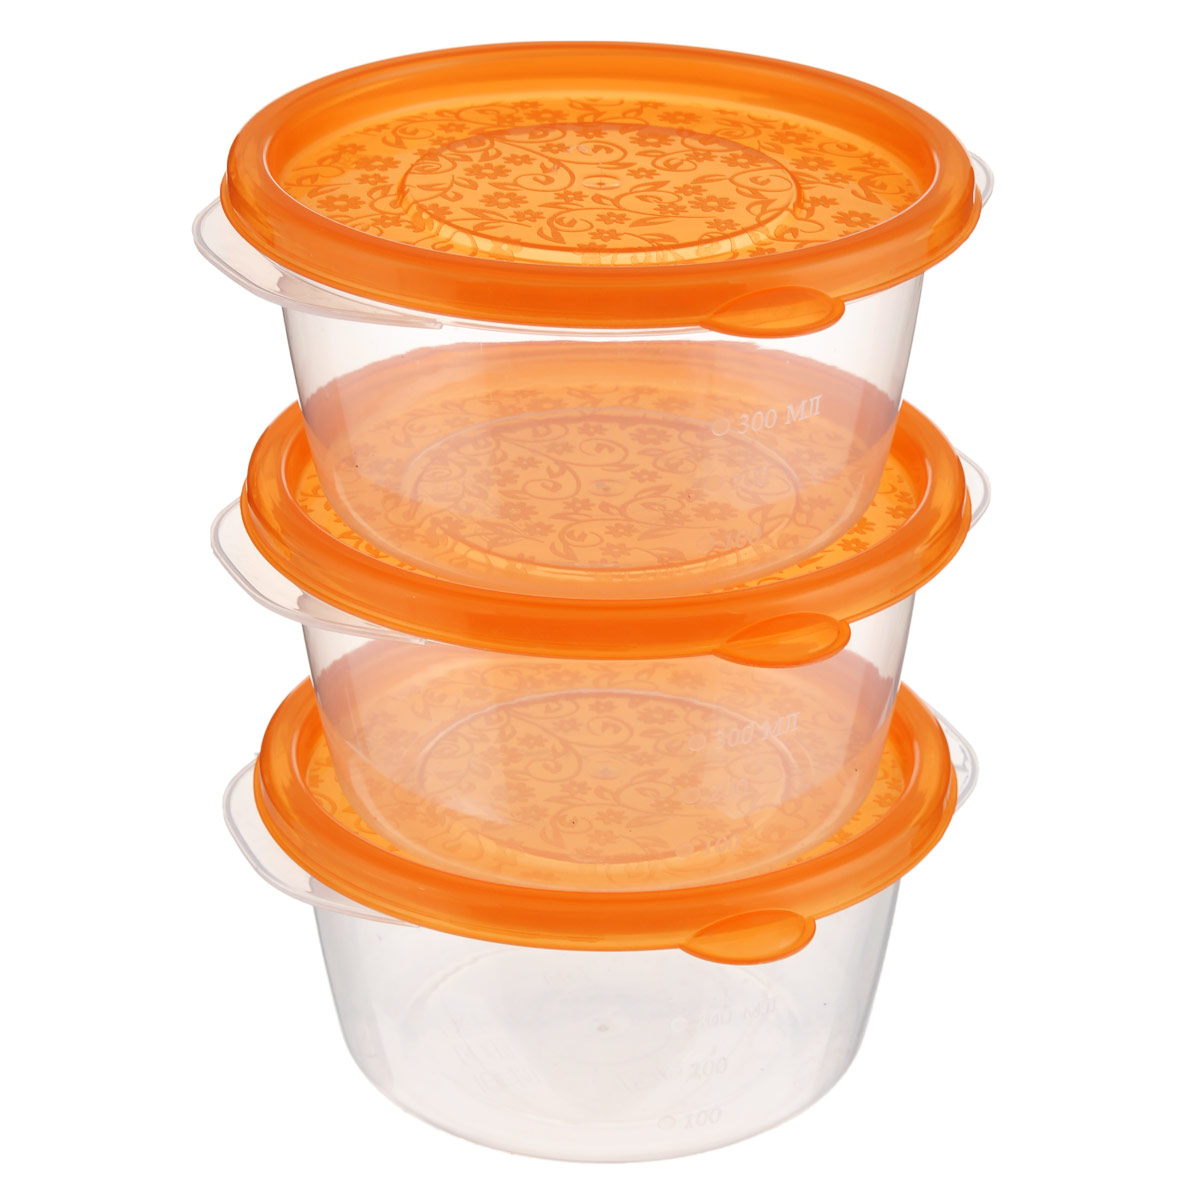 Набор контейнеров Phibo Арт-Декор, цвет: прозрачный, оранжевый, 0,44 л, 3 штС11540Набор Phibo Арт-Декор состоит из трех круглых контейнеров с крышками. Изделия выполнены из пищевого прозрачного полипропилена, без содержания Бисфенола А. Внешние стенки имеют отметки литража. Крышки, украшенные цветочным рисунком, плотно и герметично закрываются. Такой набор контейнеров очень функционален. Их можно использовать дома для хранения пищи в холодильнике, а также для хранения разнообразных сыпучих продуктов, таких как кофе, крупы, соль, сахар. Контейнеры также удобно брать с собой на работу, учебу или в поездку. Можно использовать в микроволновой печи только для разогрева пищи при температуре до +100°С. Подходят для заморозки пищи (минимальная температура -24°С). Можно мыть в посудомоечной машине. Диаметр контейнера (по верхнему краю): 12 см. Высота стенки: 6,5 см.